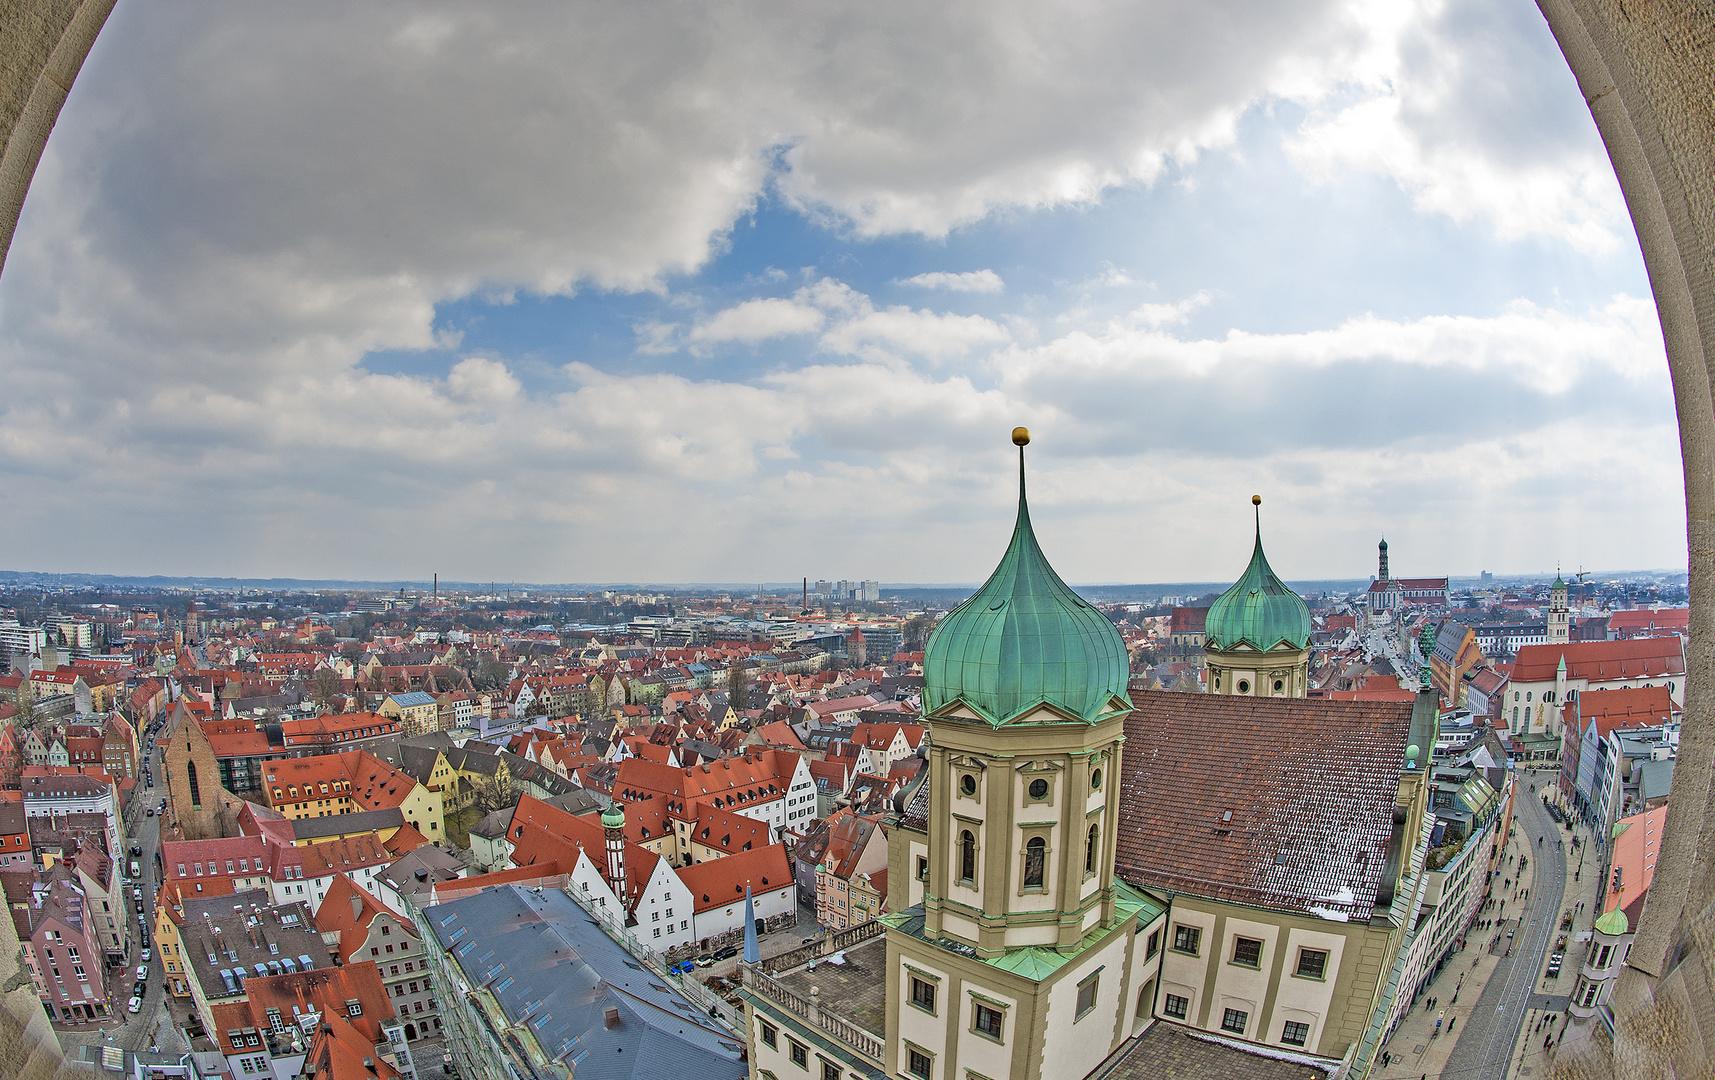 Blick auf Augsburg - meine Heimatstadt